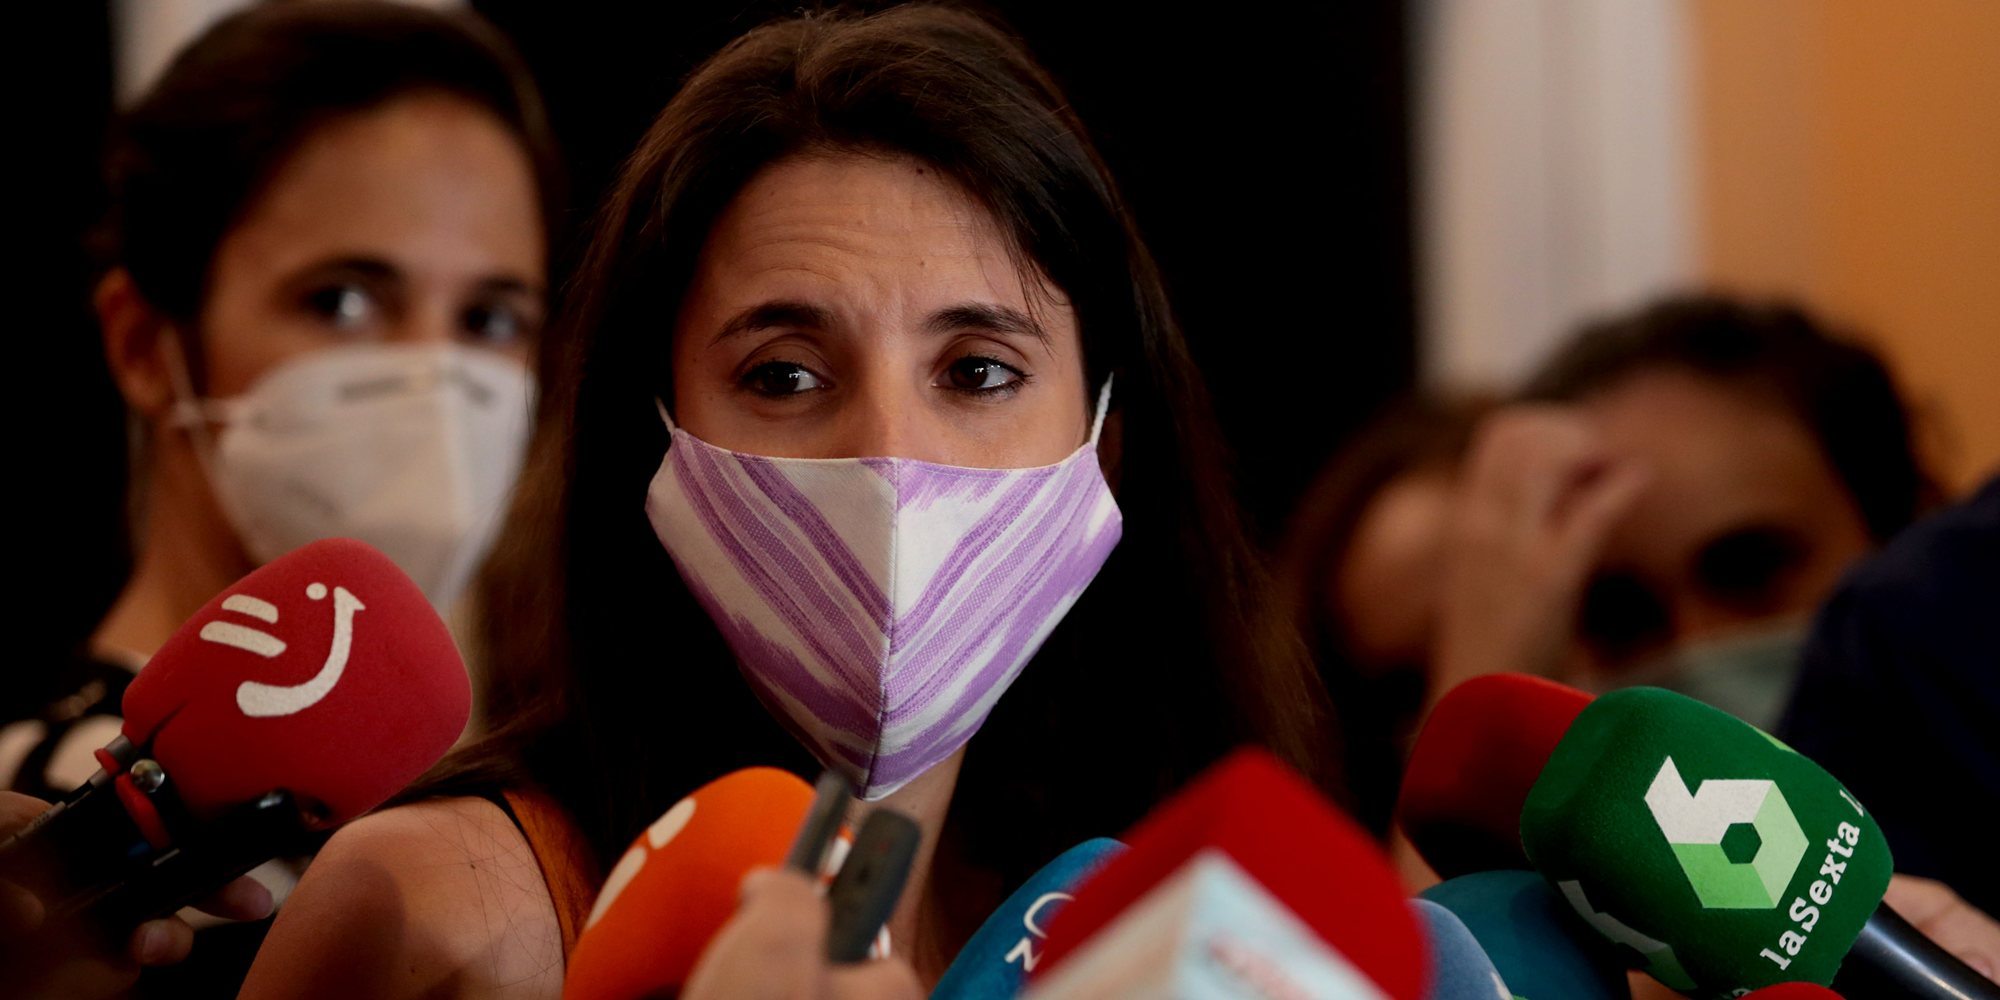 Irene Montero y Pablo Iglesias denuncian las amenazas recibidas para proteger a sus hijos